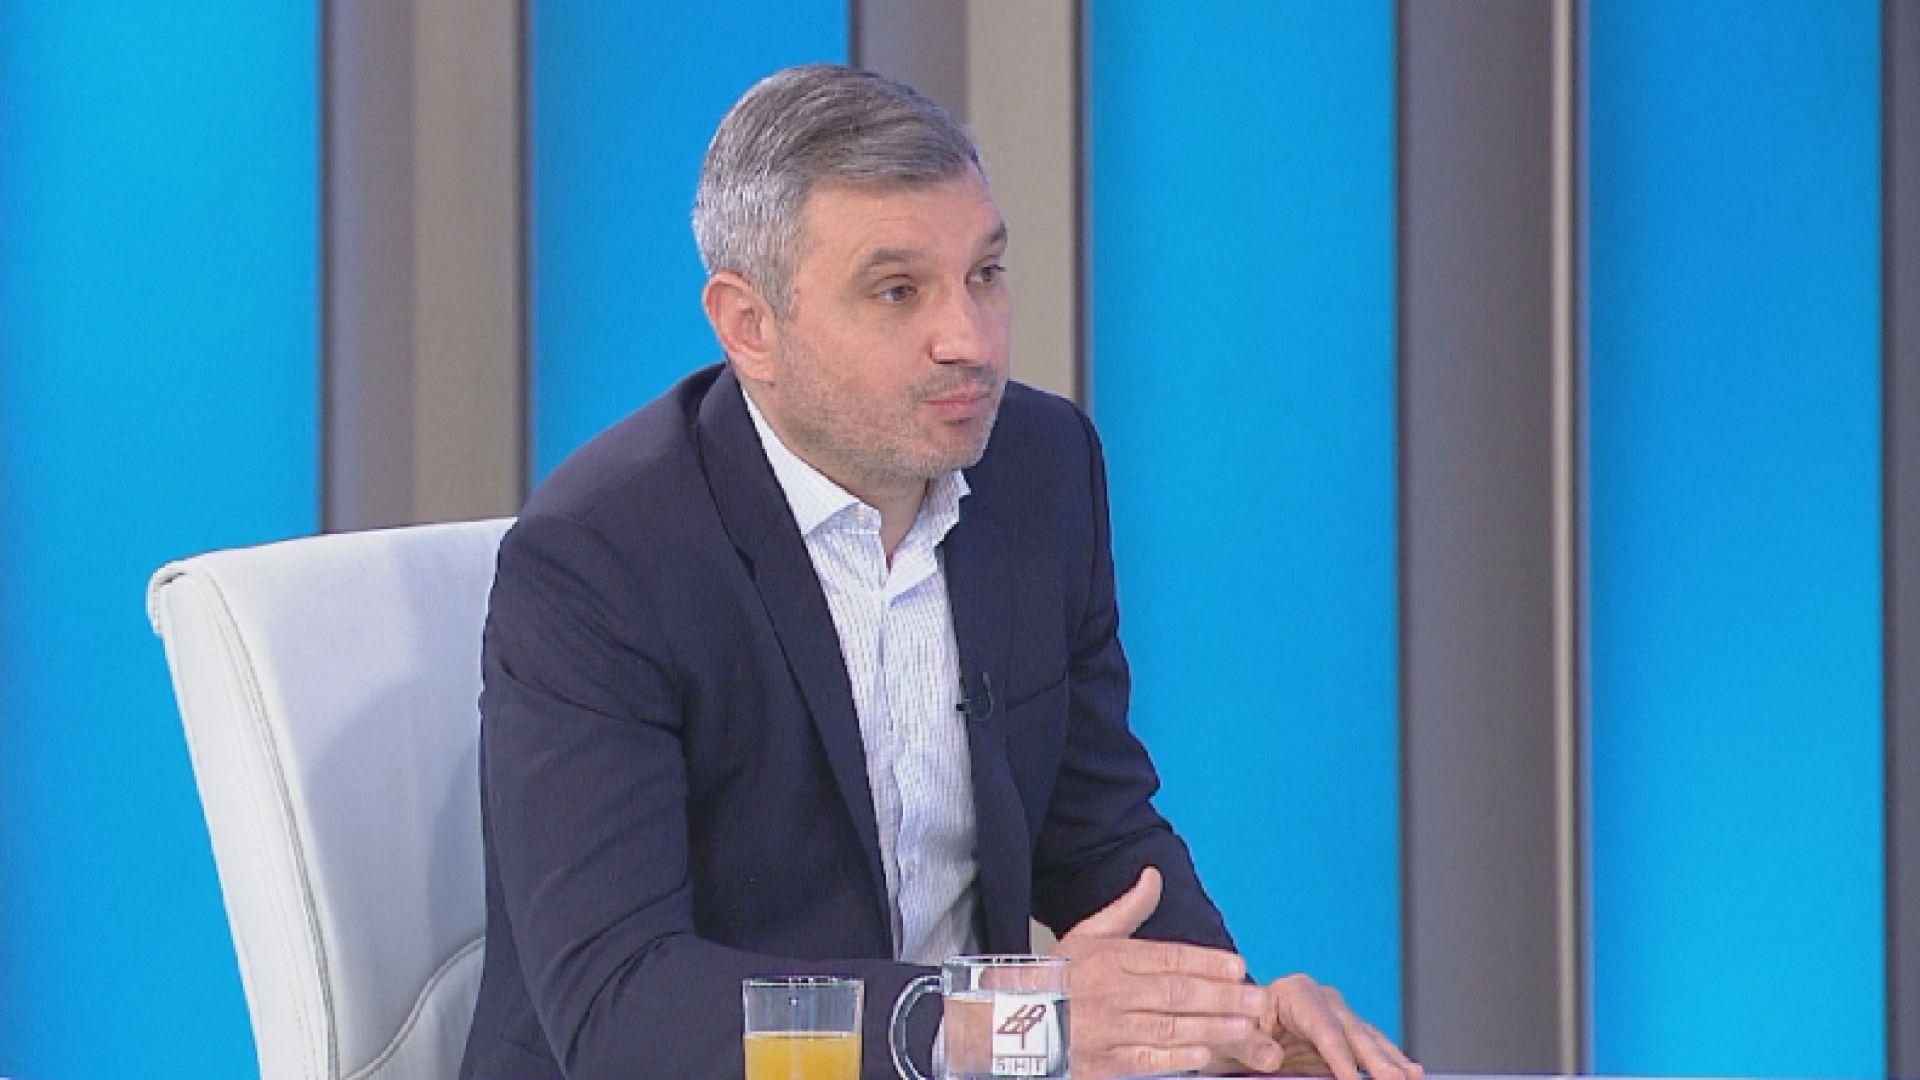 Елен Герджиков: Иванчева е действащ кмет, само тя може да освободи Клисуров